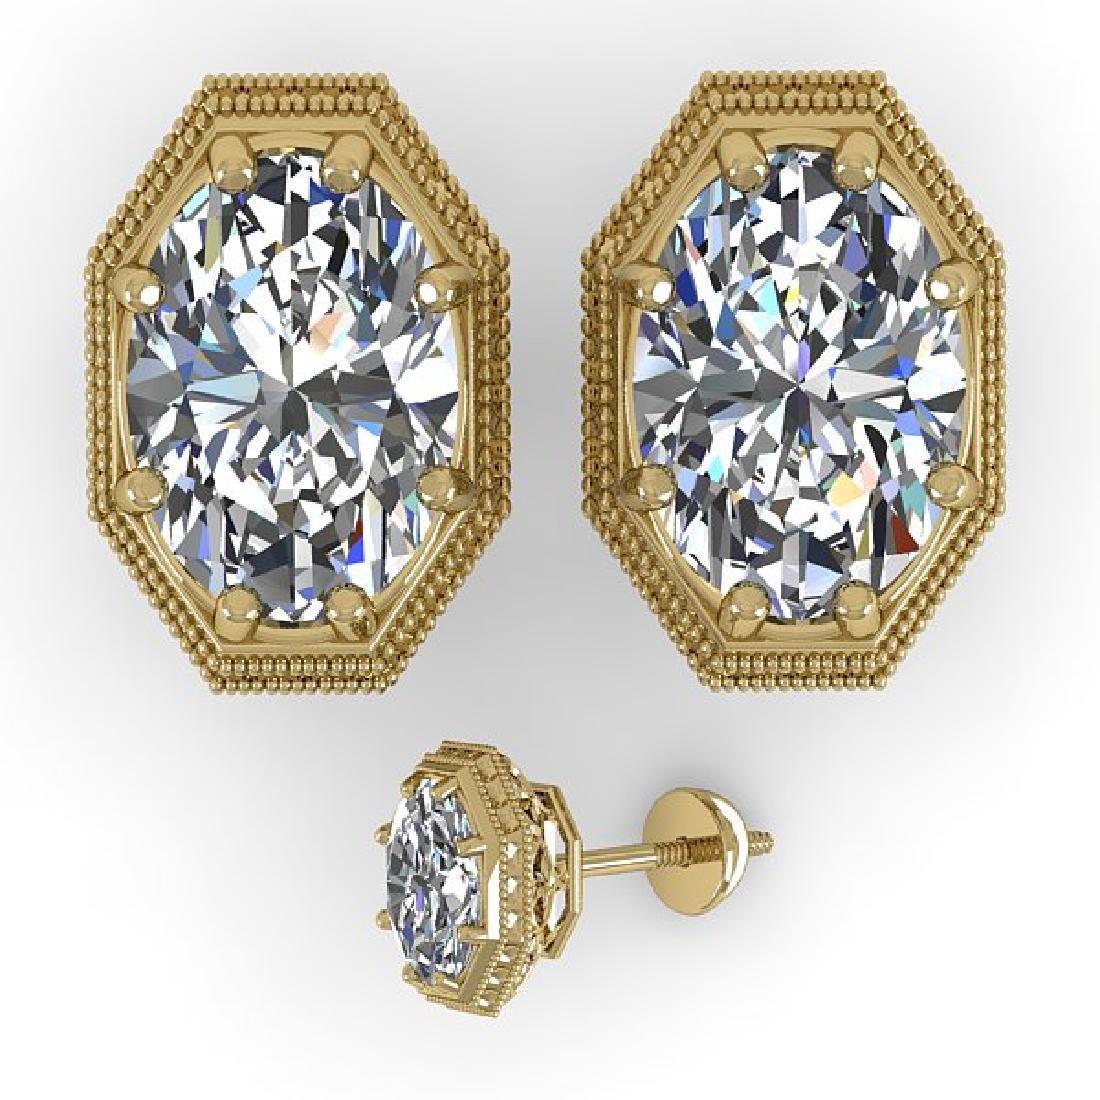 2 CTW VS/SI Oval Cut Diamond Stud Earrings 18K Yellow - 2